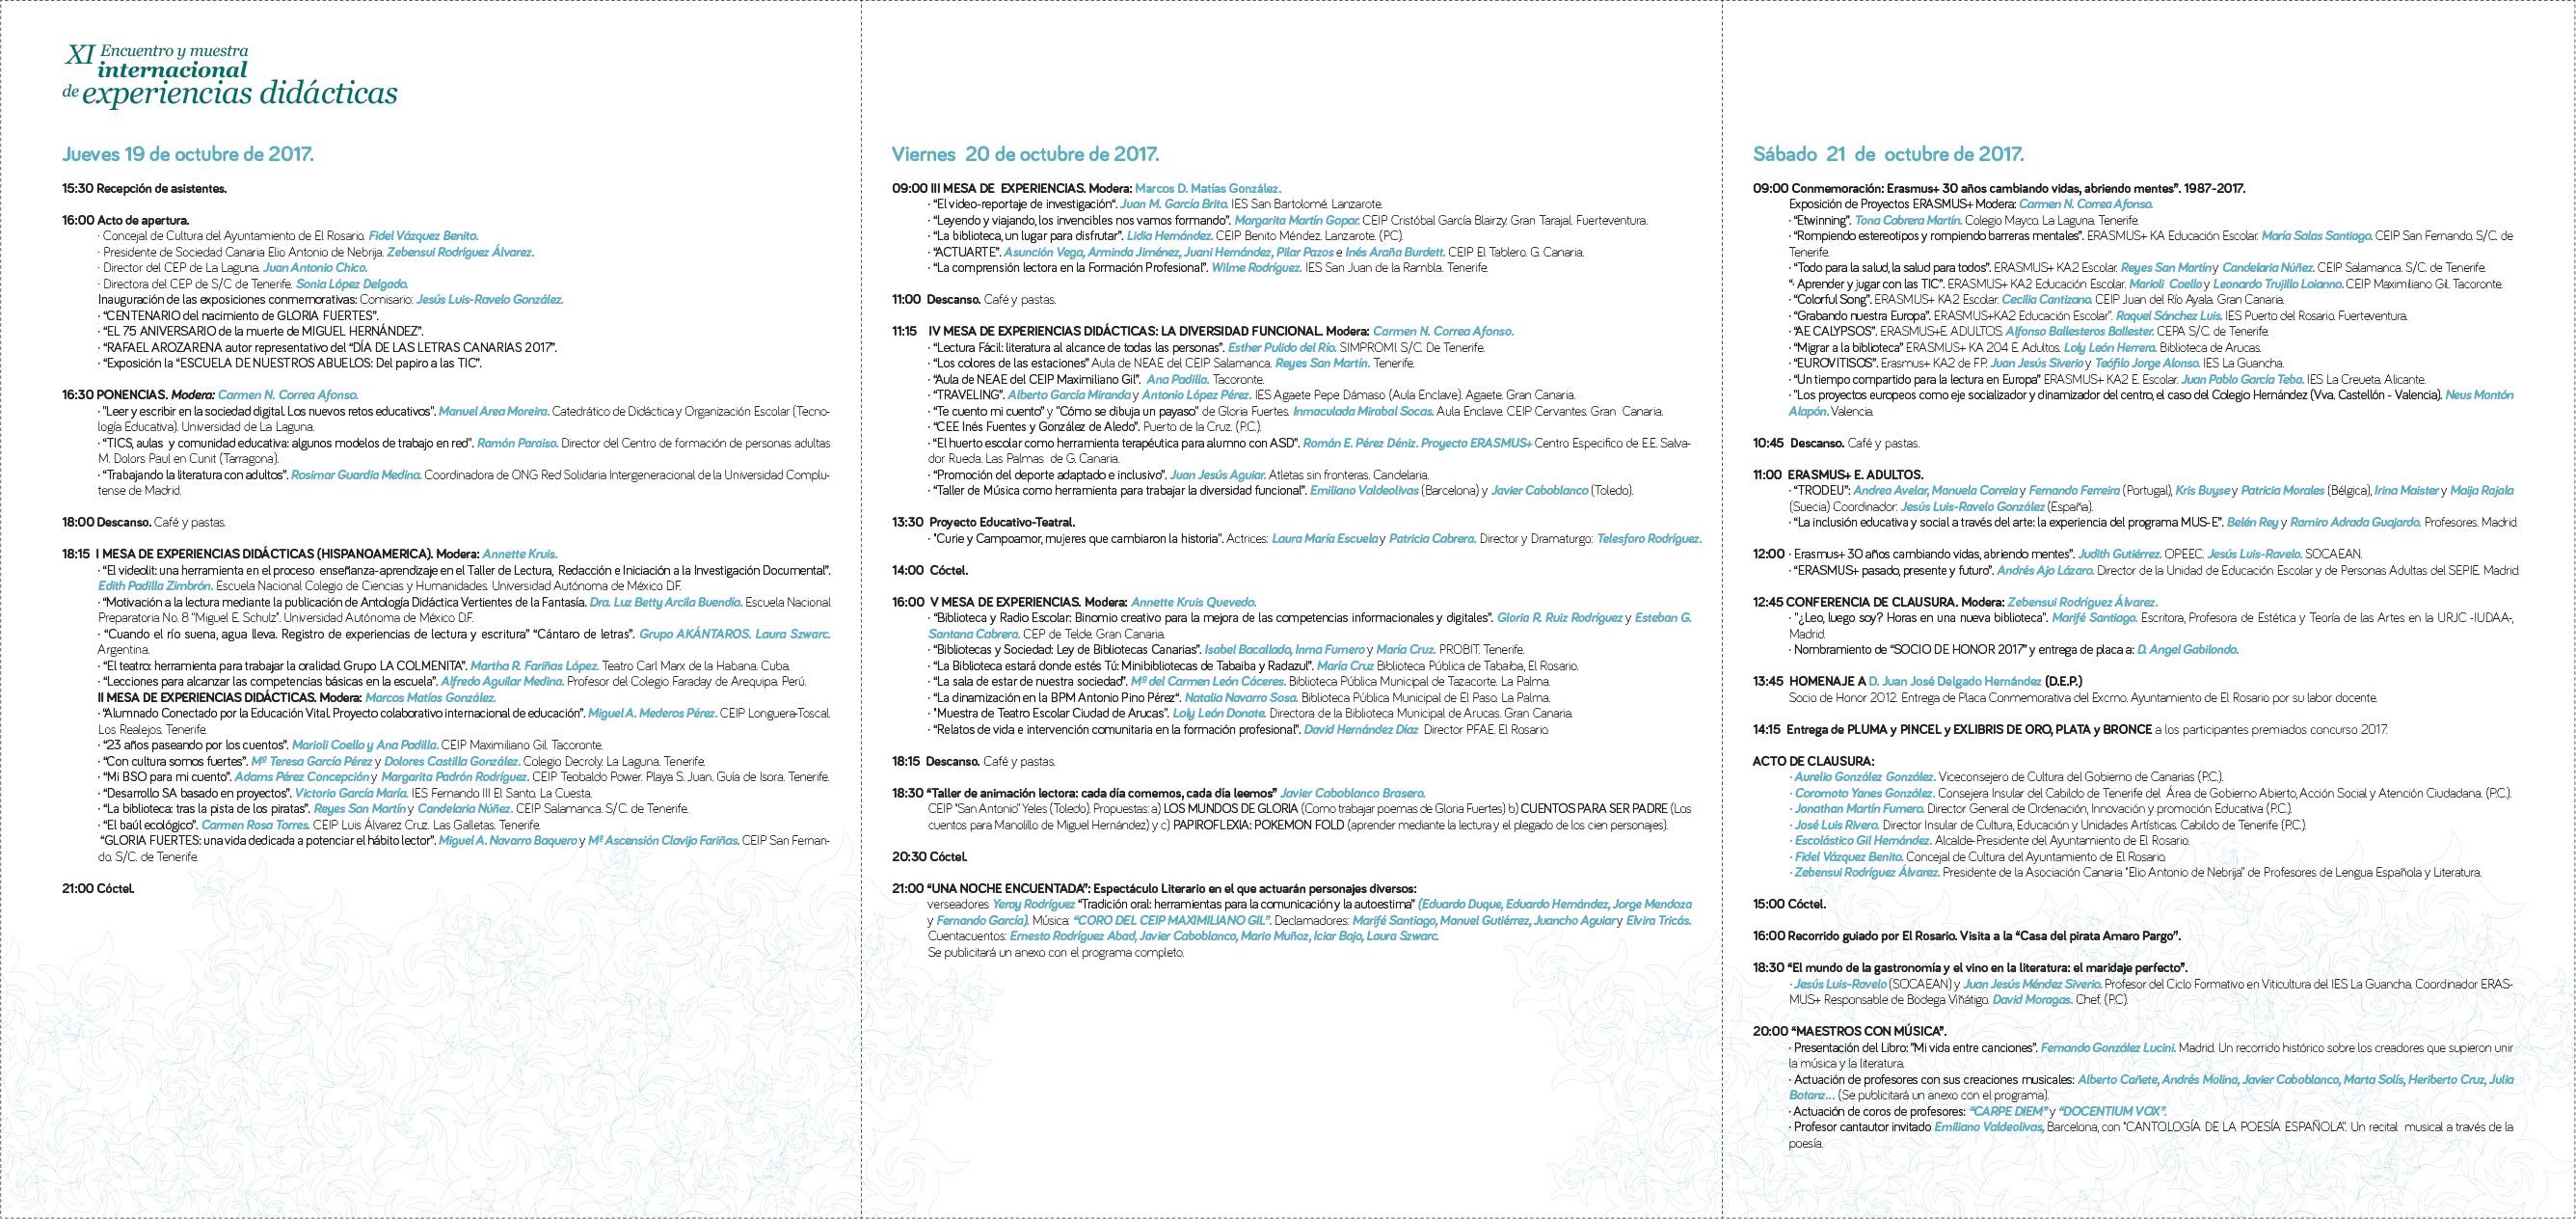 TRIP_INT-ENCUENTRO-INTERNACIONAL-EXPERIENCIAS-DIDACTICAS-A4-20171019-02af-redes